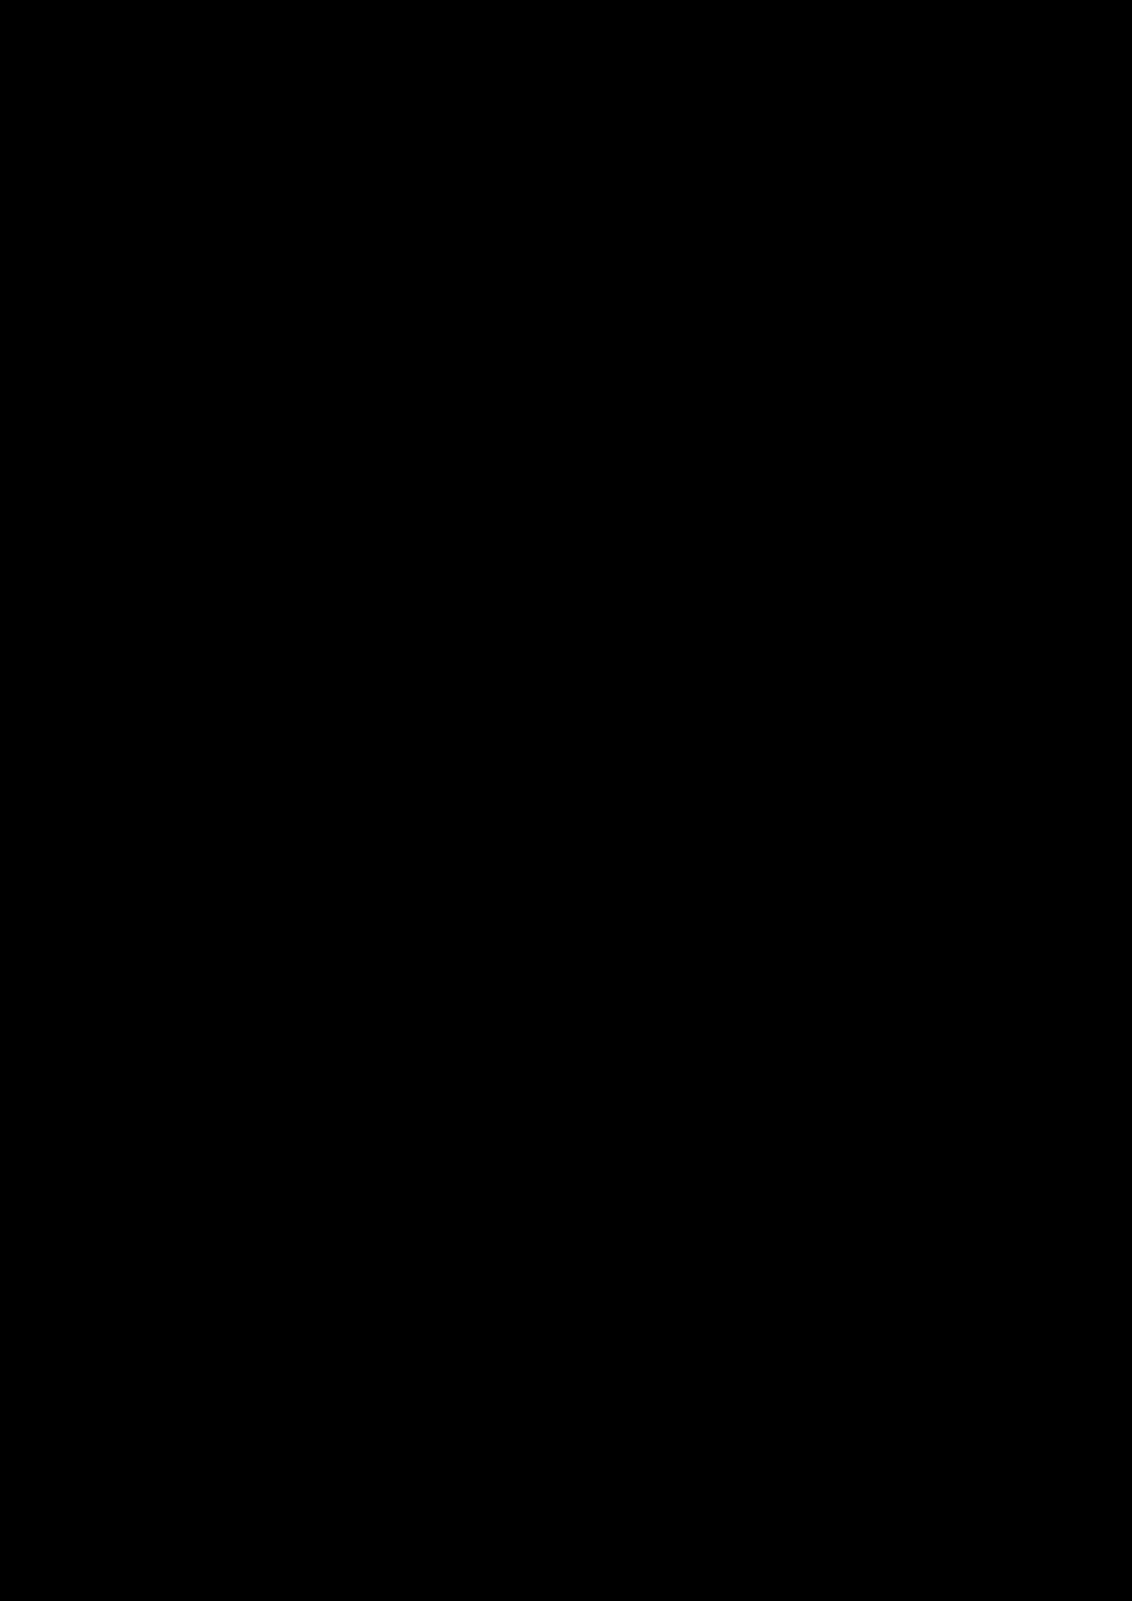 Serdtse slide, Image 59